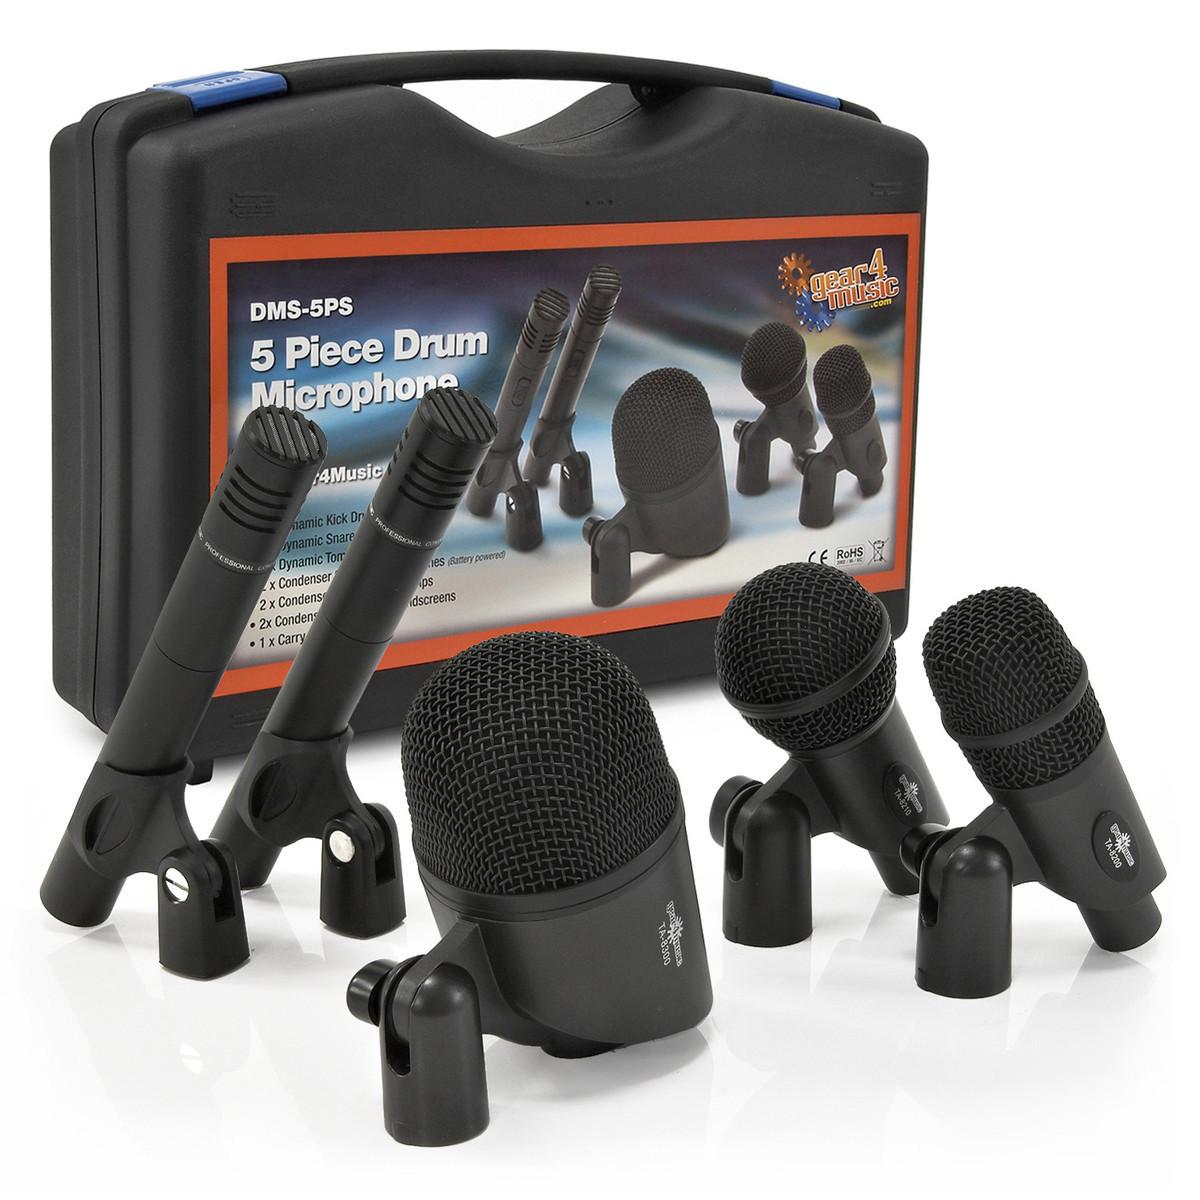 5 Dels Trommemikrofonsett med Bærekoffert fra Gear4music